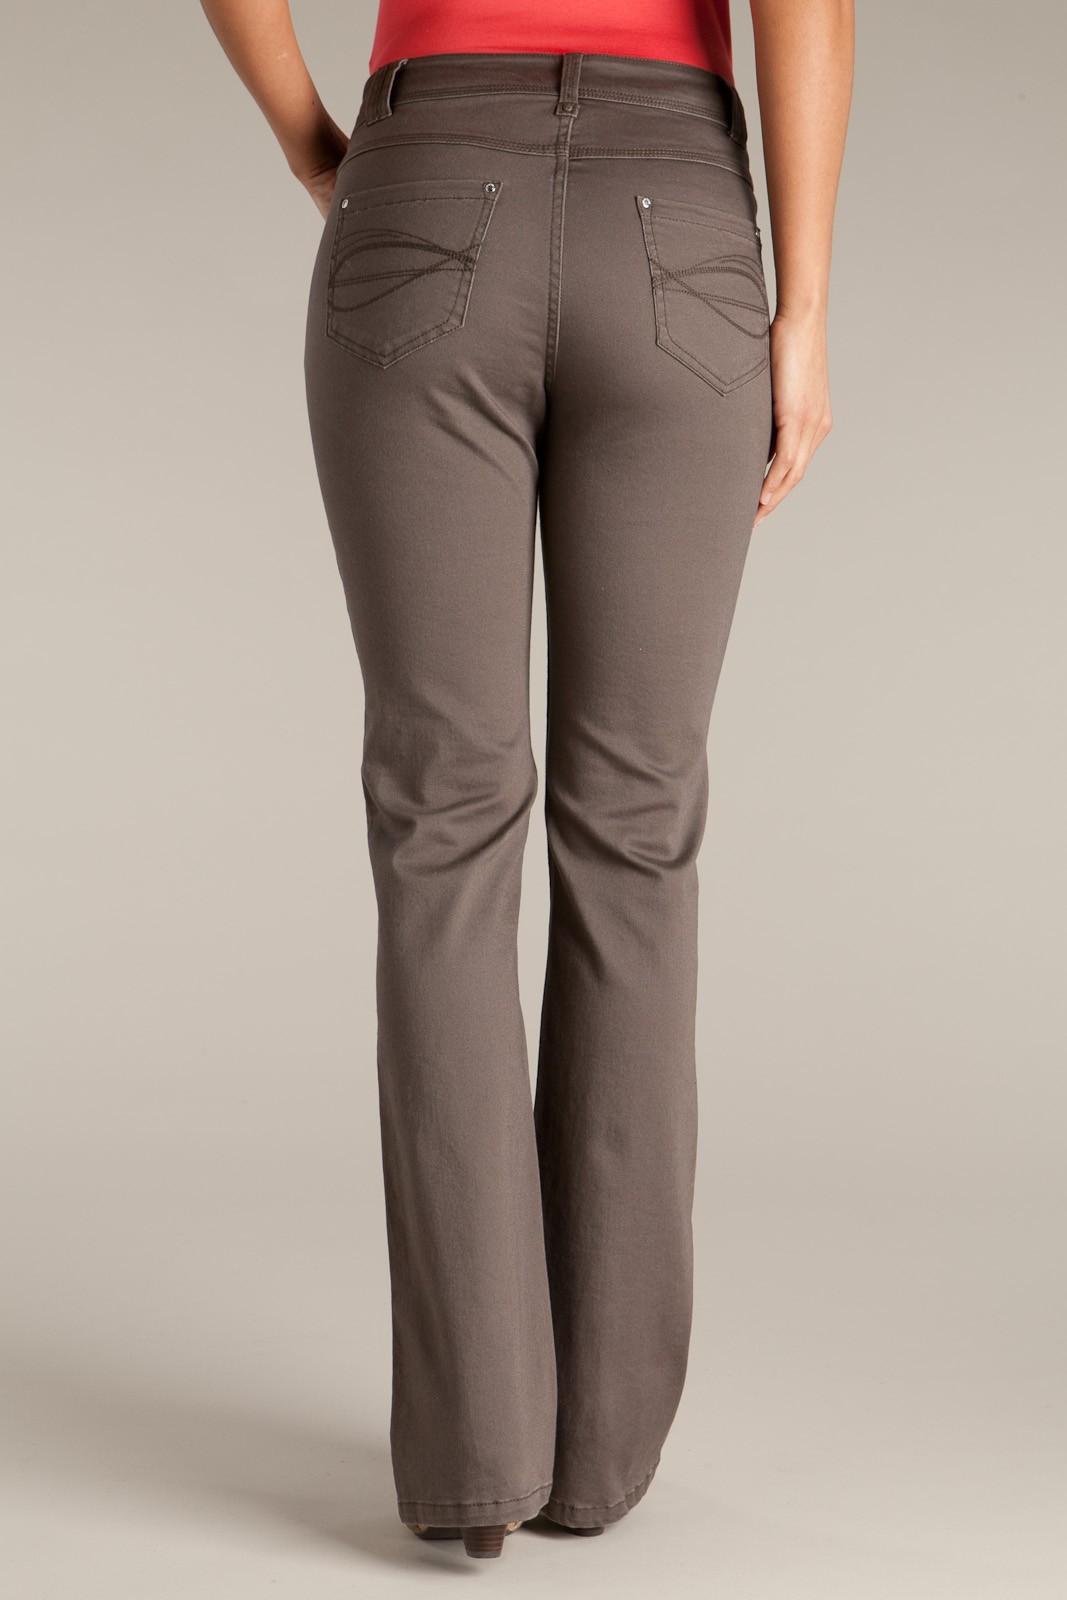 Pantalon coupe droite - Pantalon femme taille haute coupe droite ...